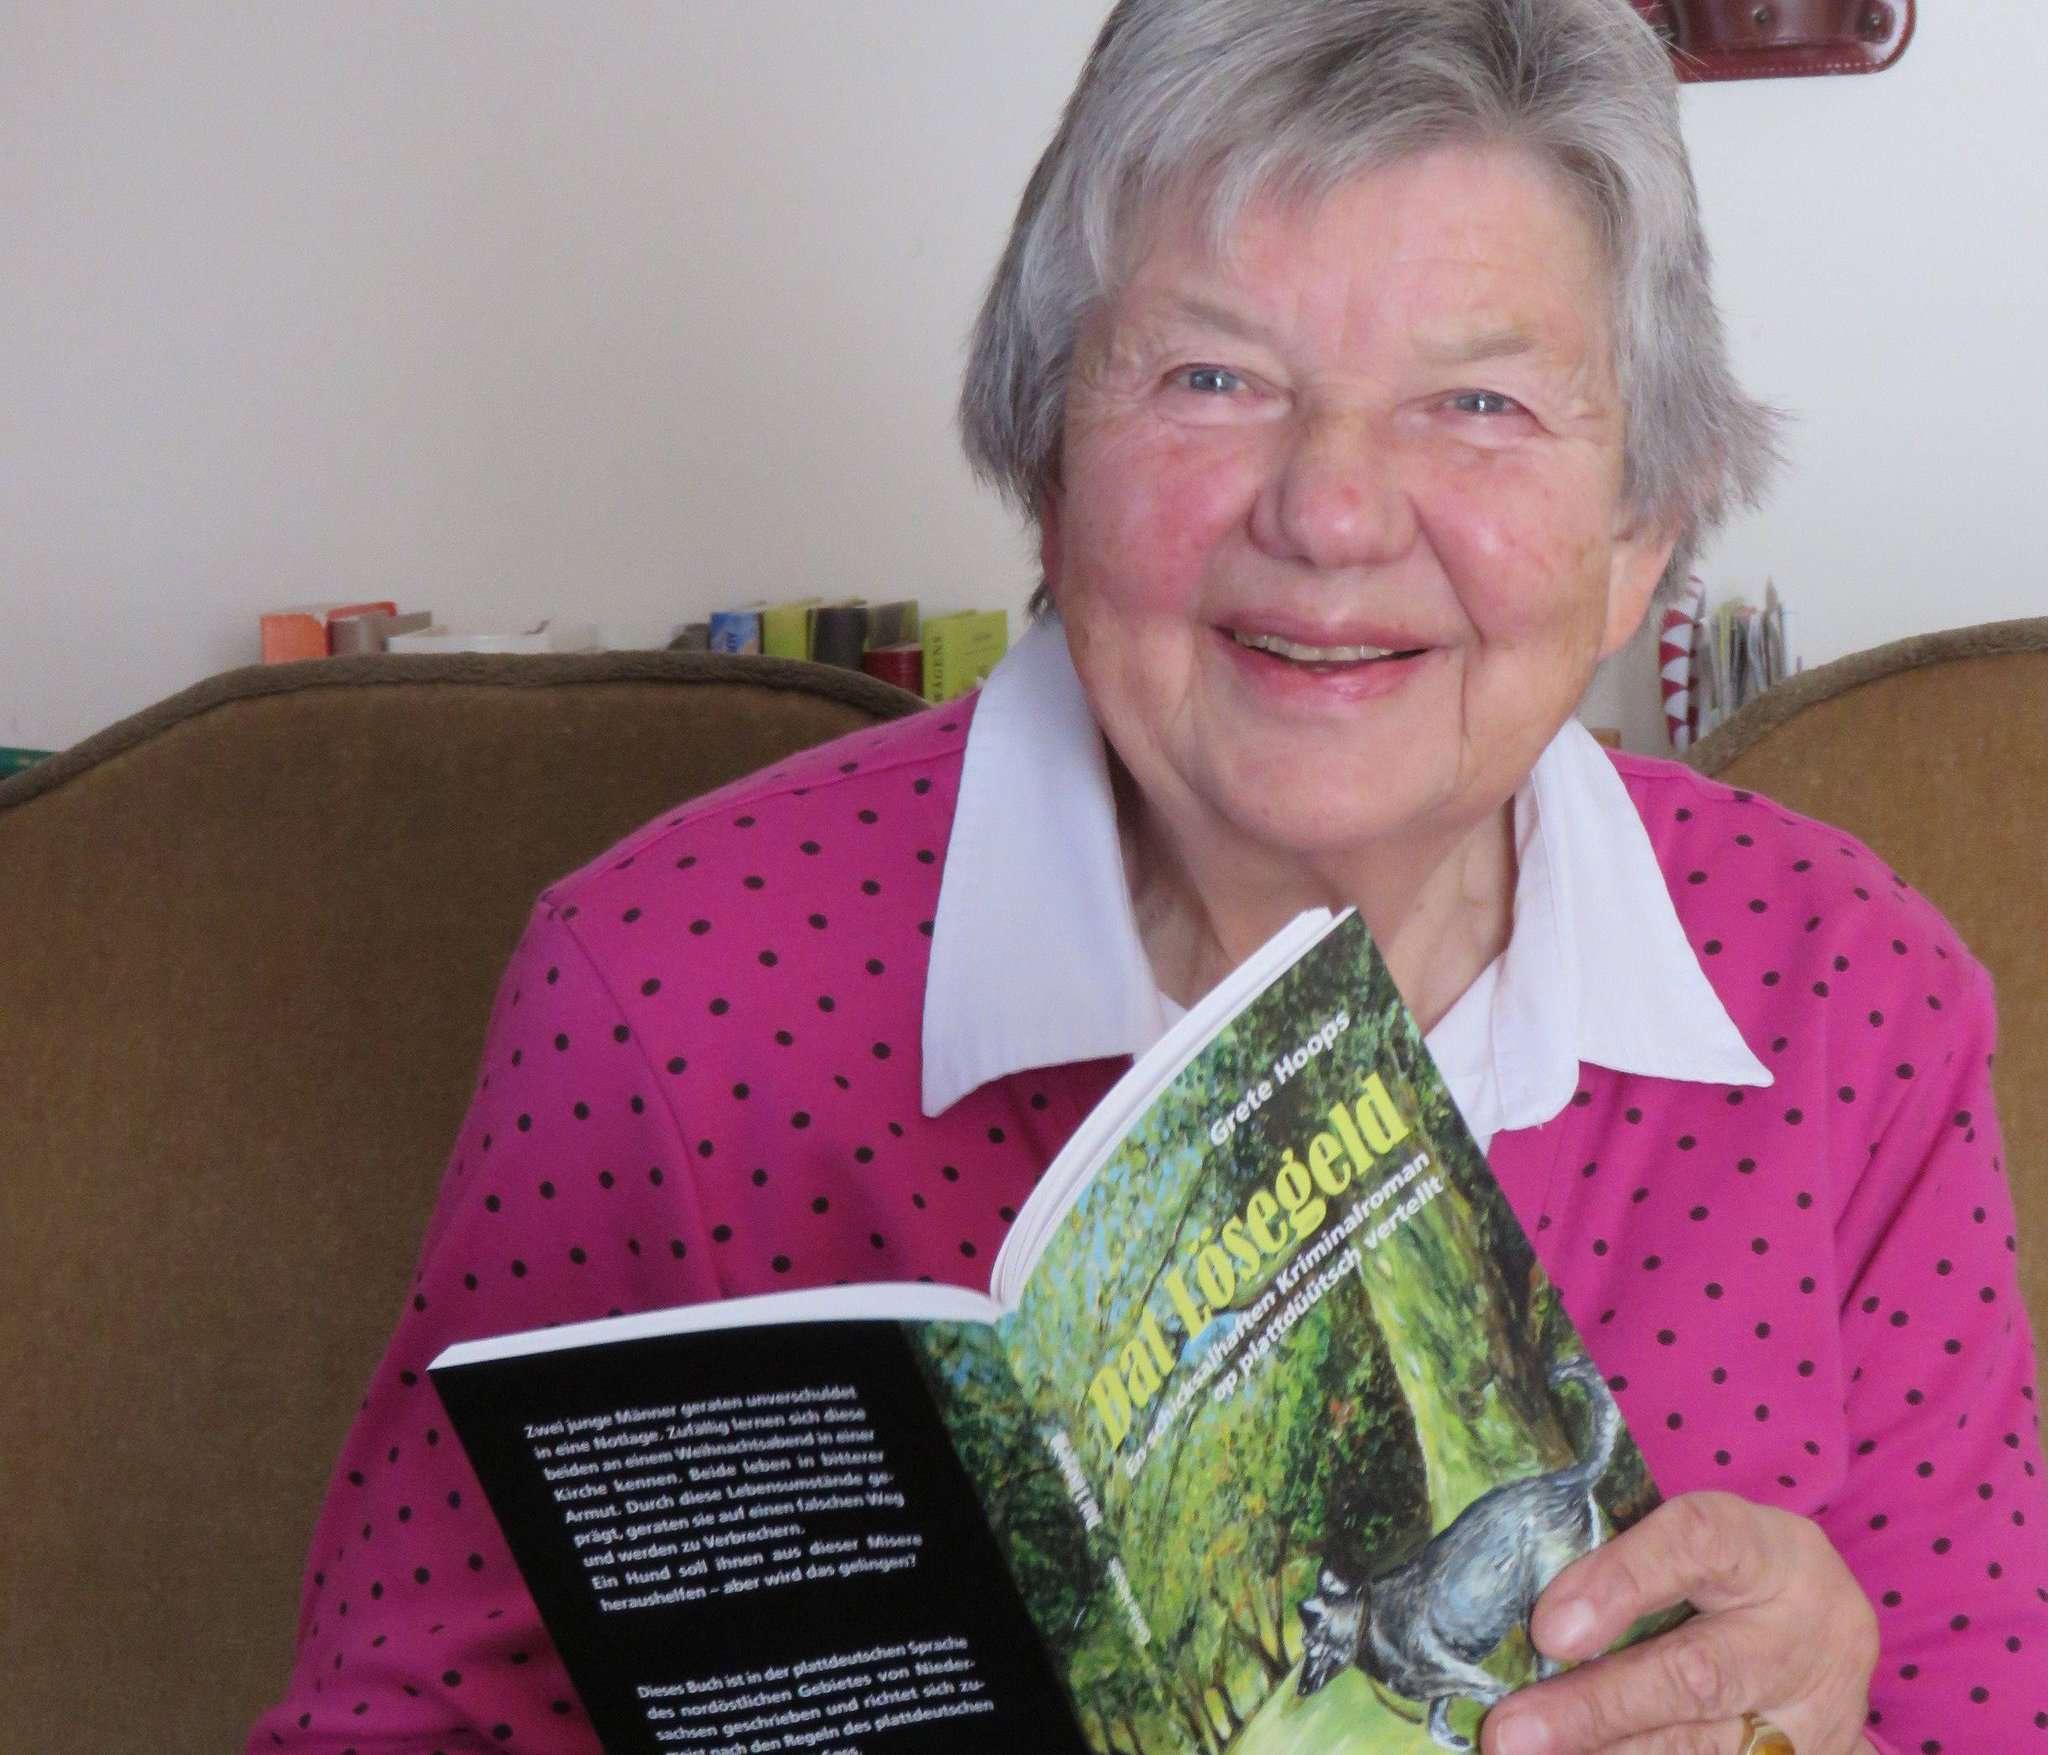 Mit Kriminalromanen hat Grete Hoops sich ein neues Genre erschlossen. Foto: Elke Keppler-Rosenau